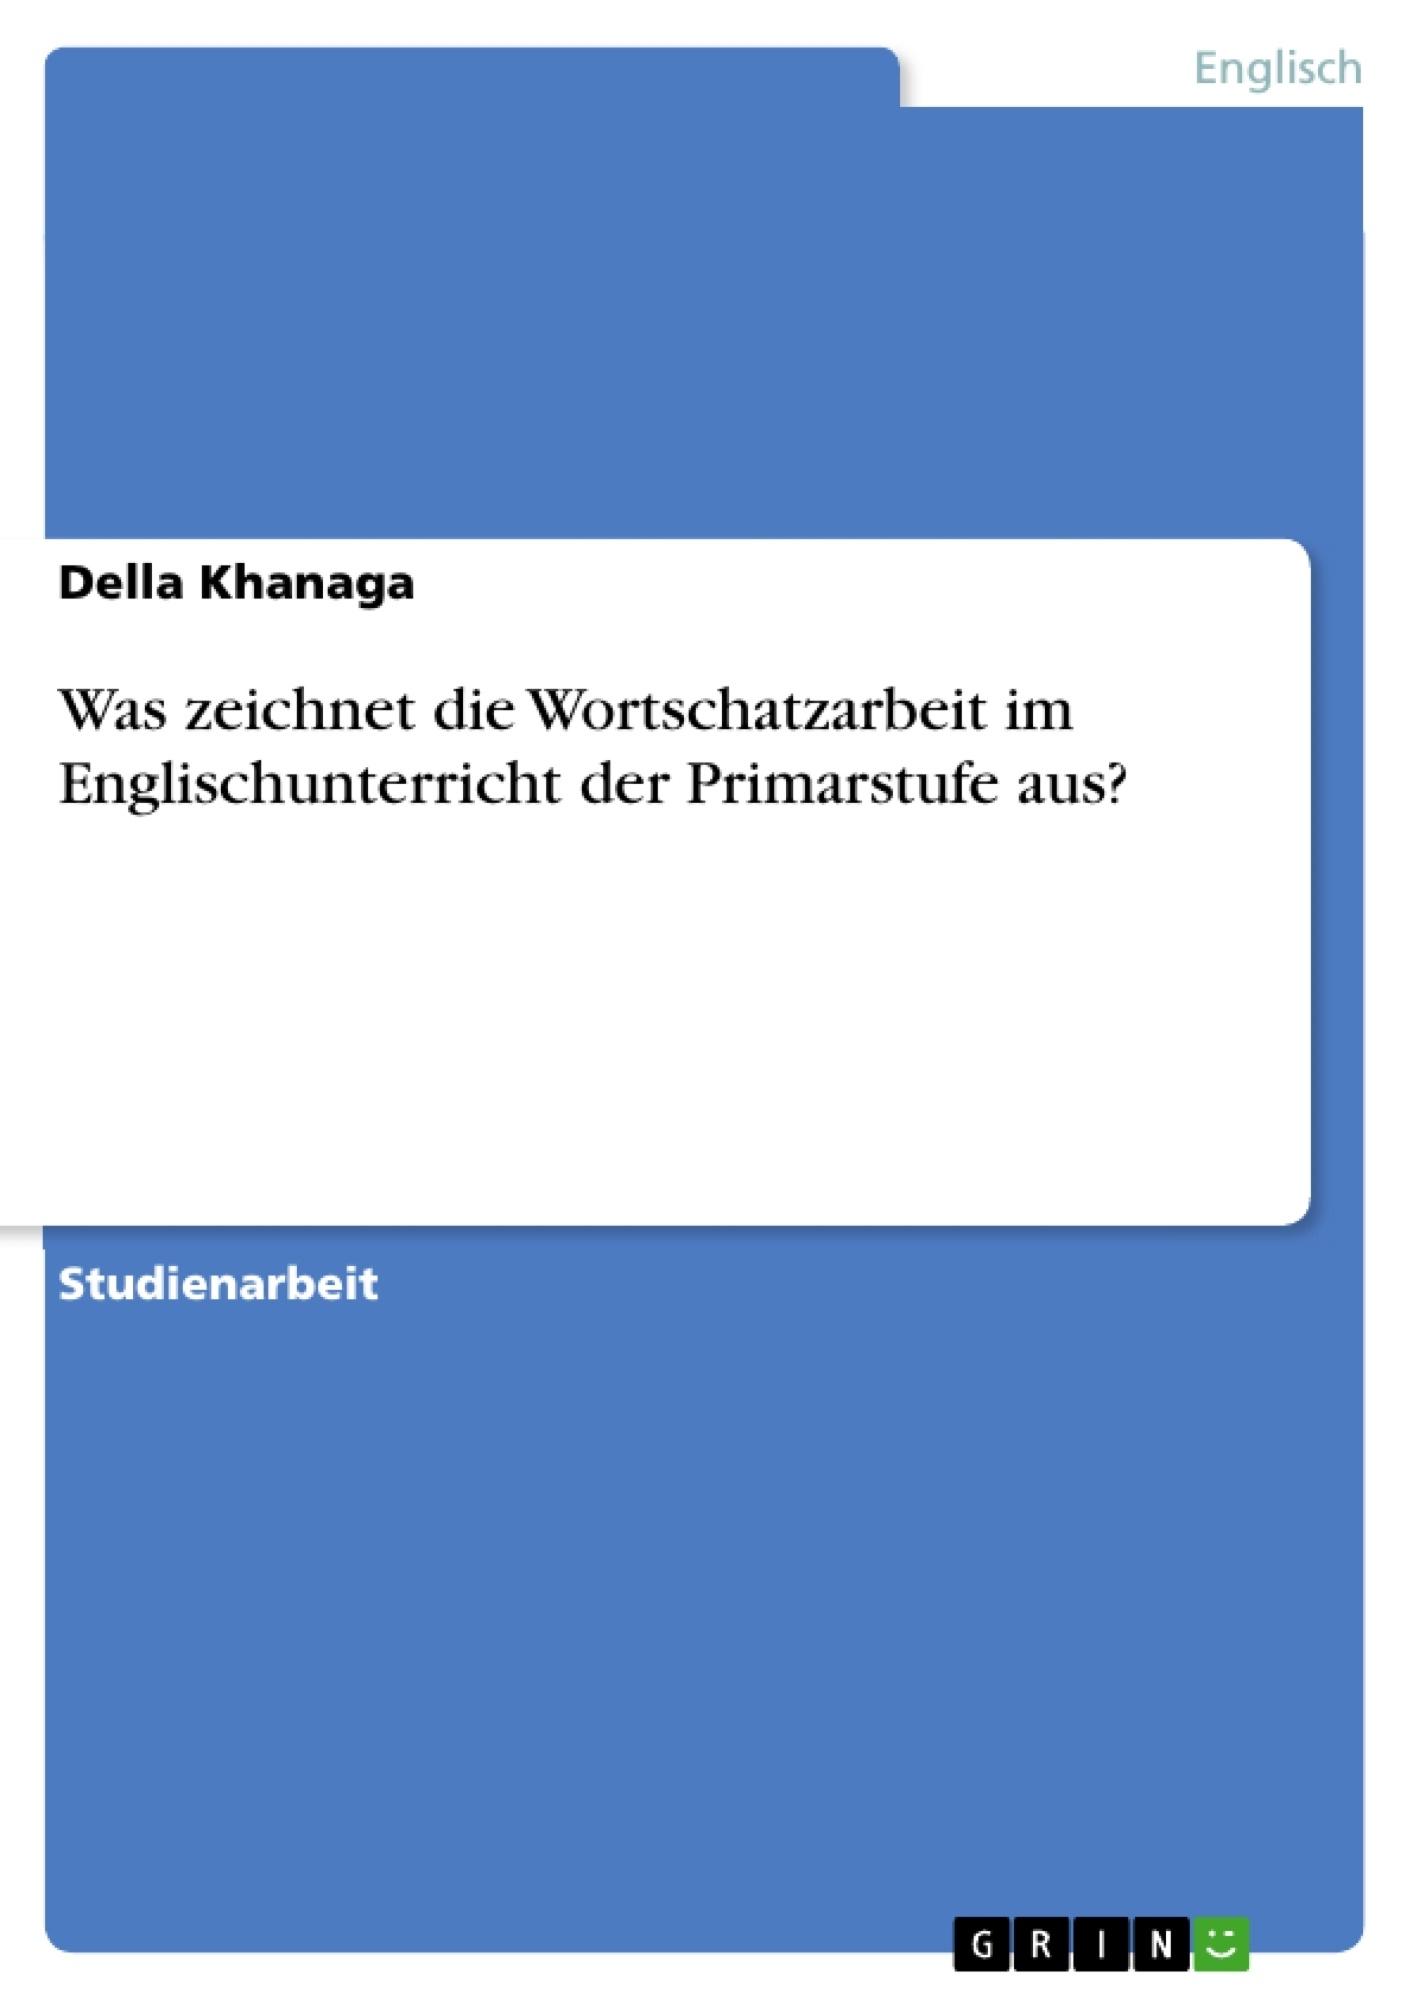 Titel: Was zeichnet die Wortschatzarbeit im Englischunterricht der Primarstufe aus?